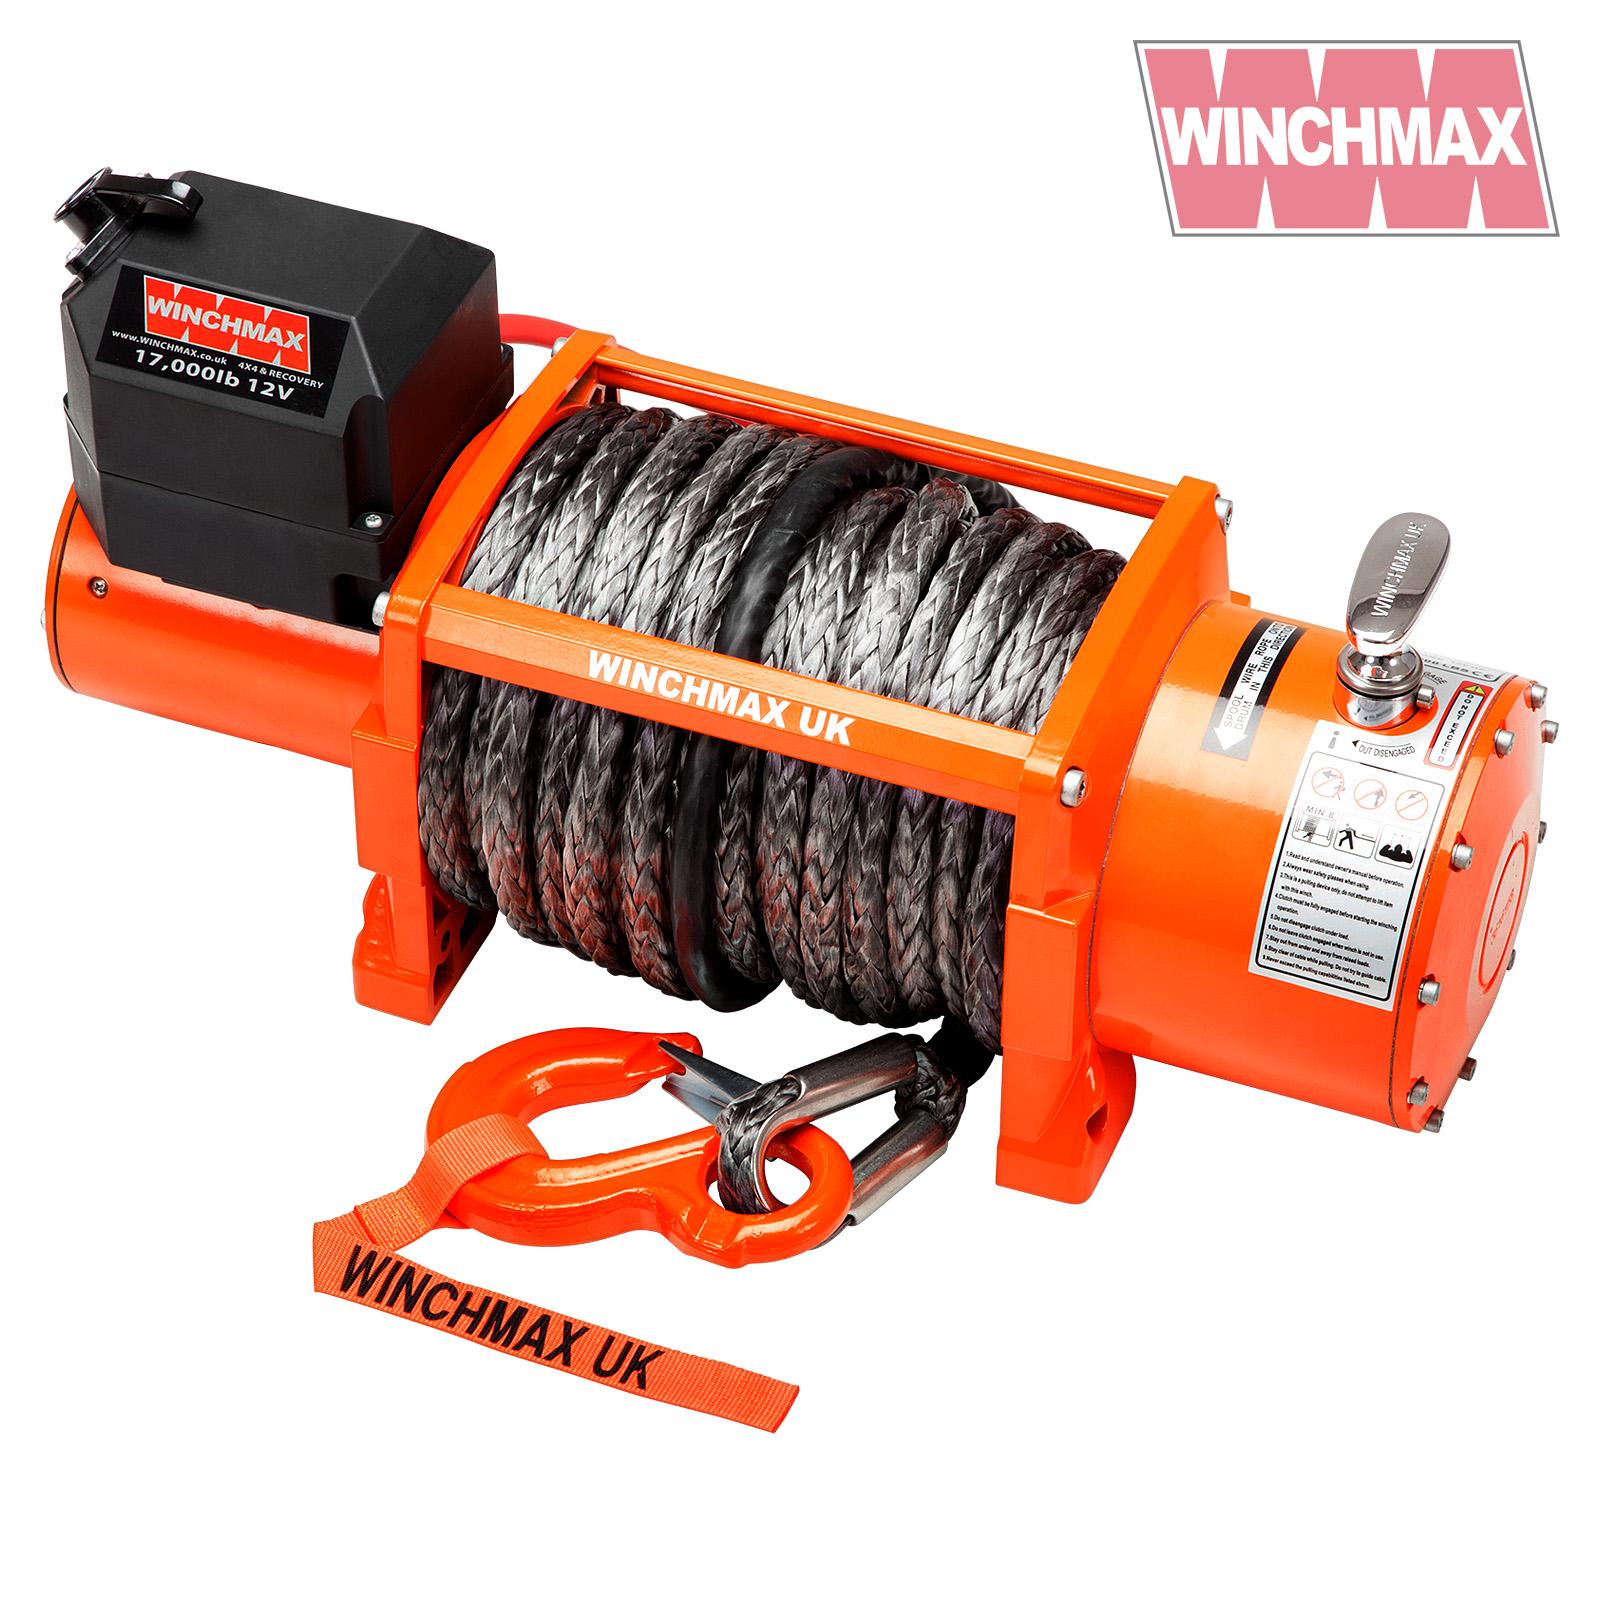 Wm1700012vrs winchmax 061